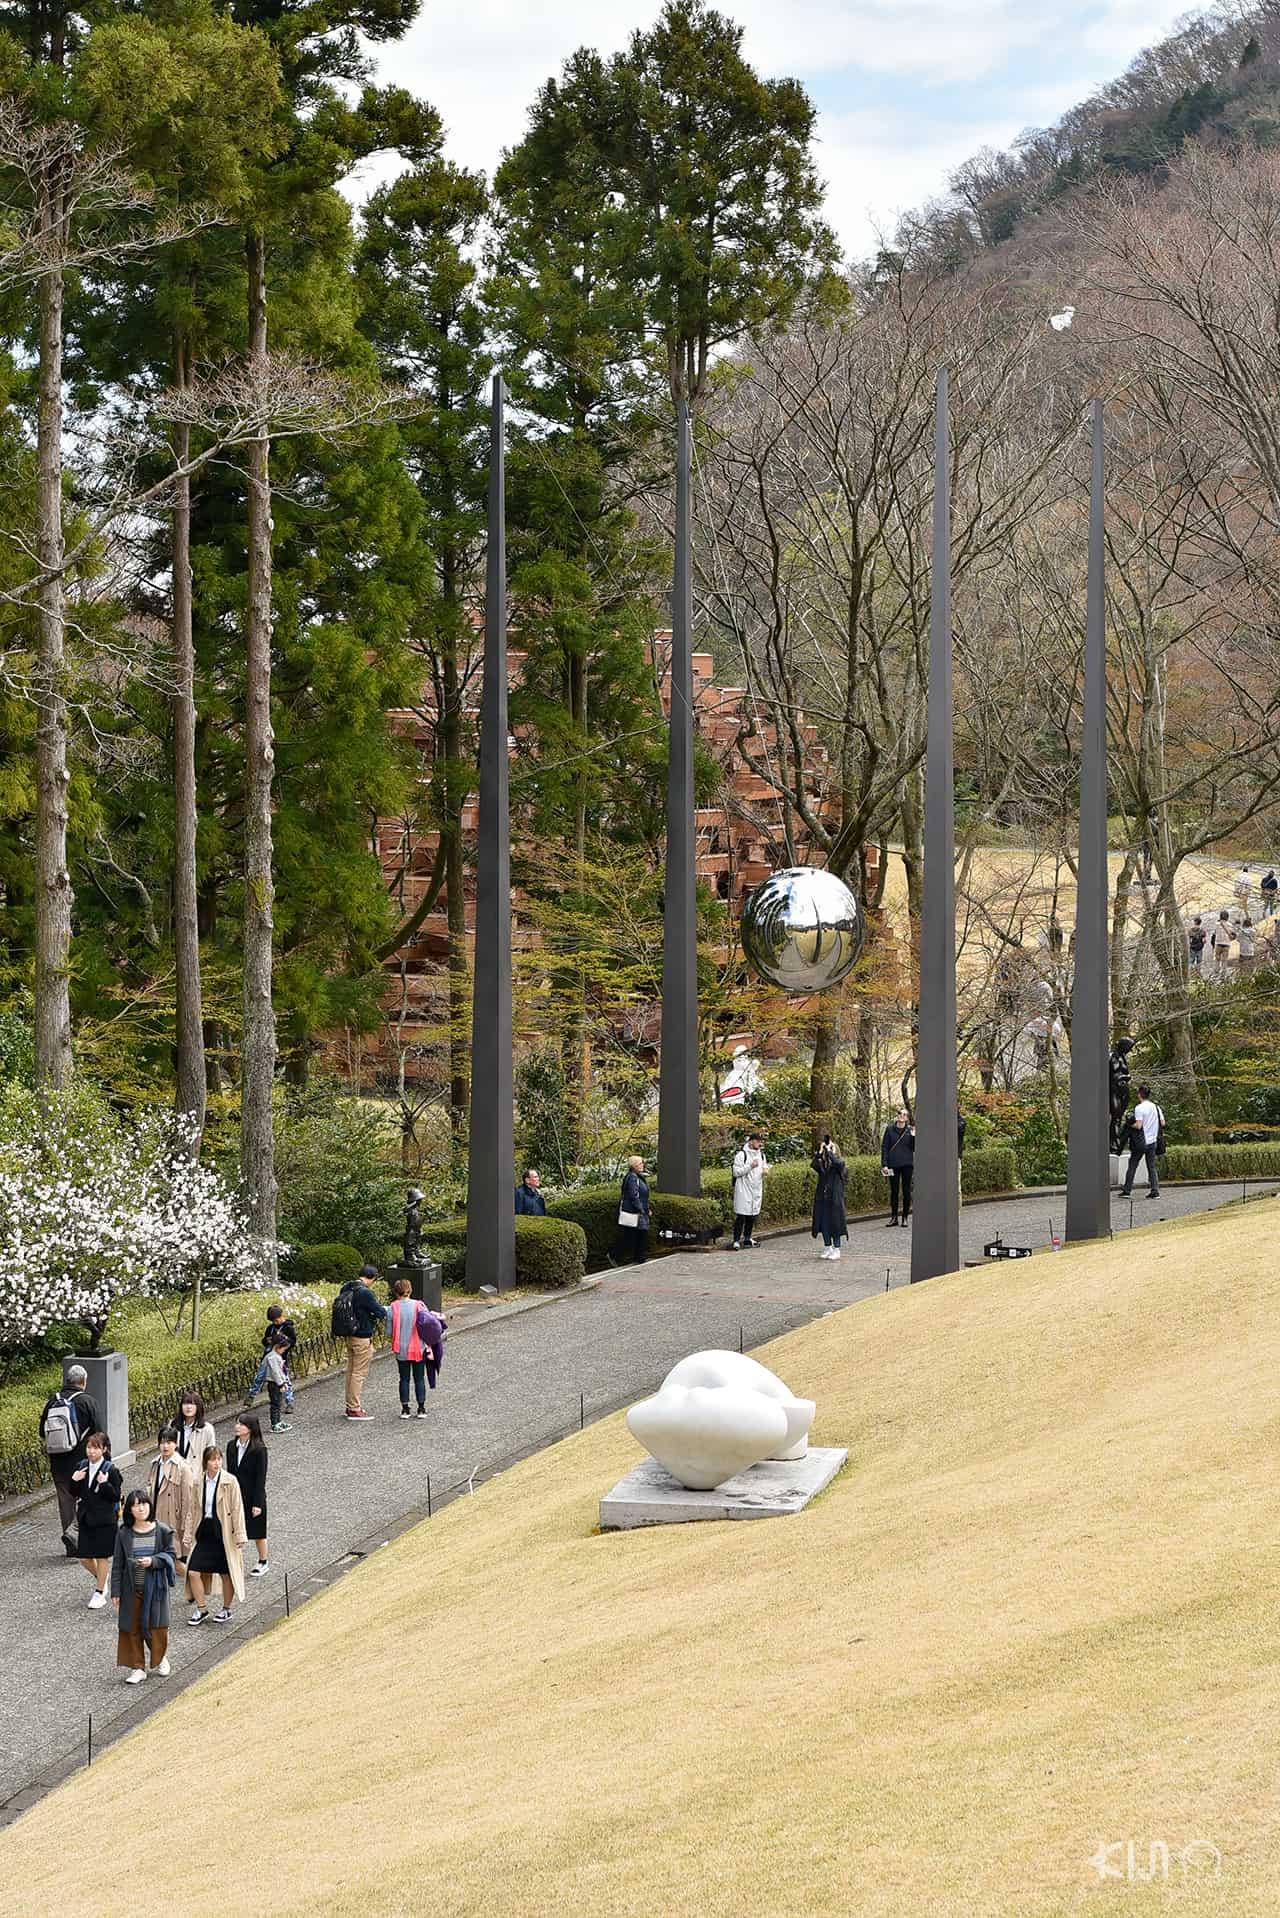 พิพิธภัณฑ์ Hakone Open Air Museum ในเมืองฮาโกเน่